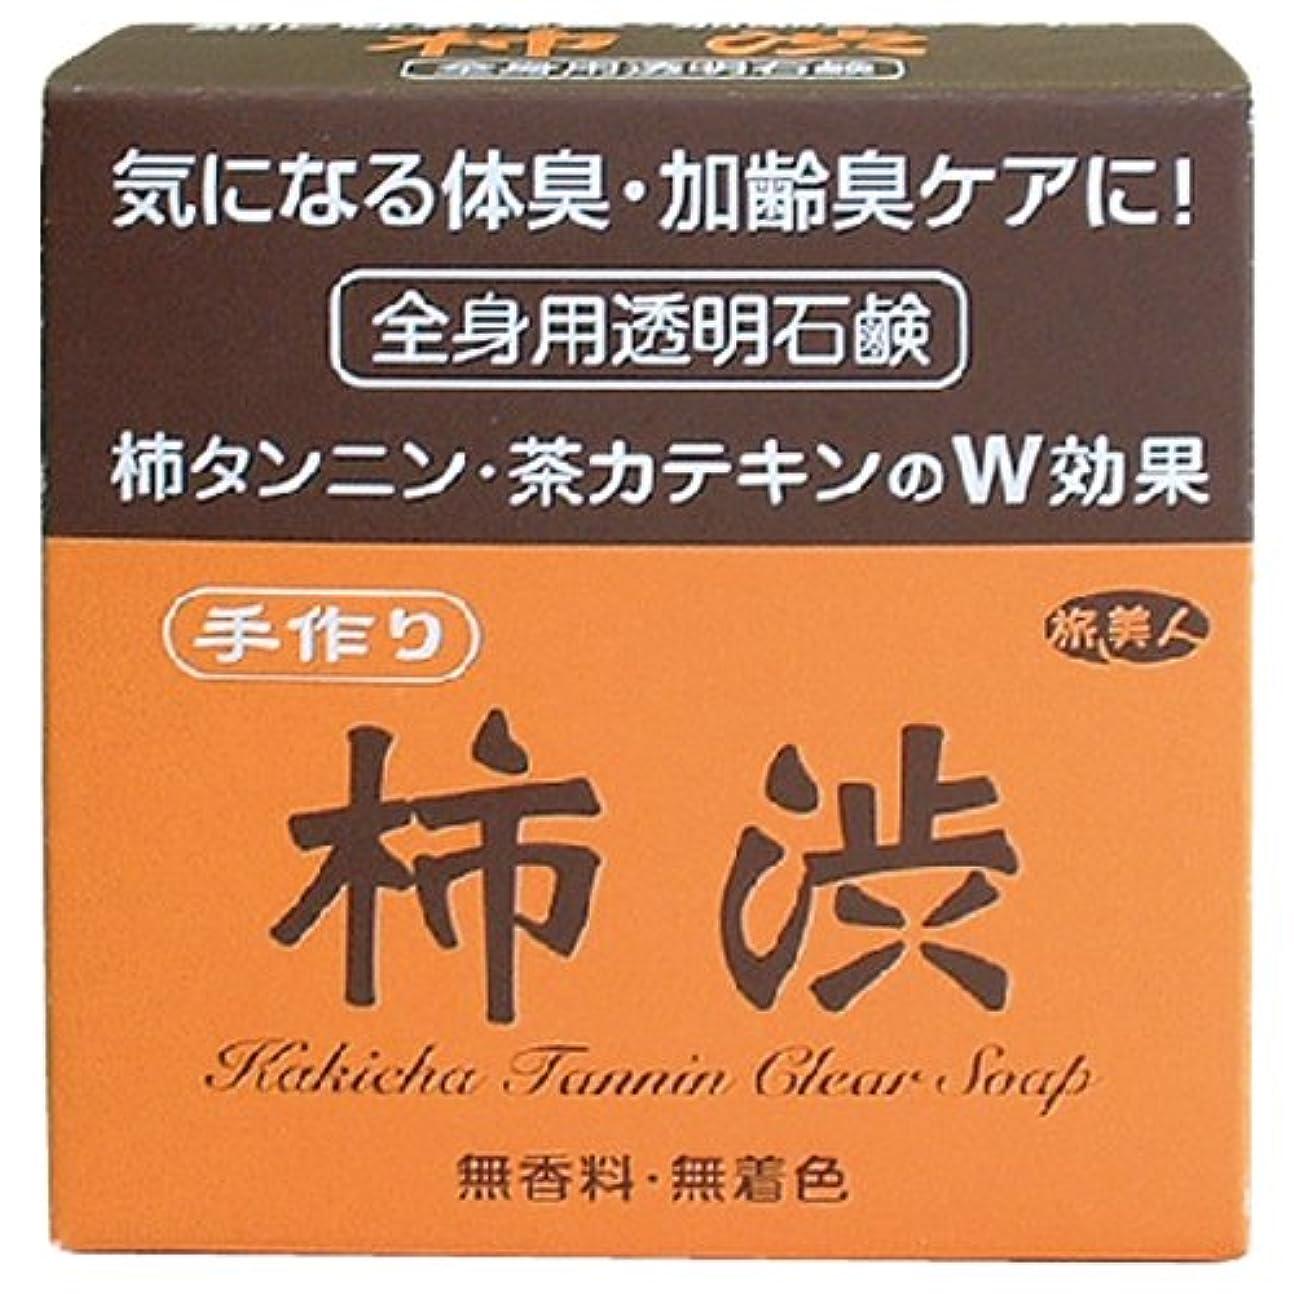 不調和西部真向こう気になる体臭?加齢臭ケアに アズマ商事の手作り柿渋透明石鹸